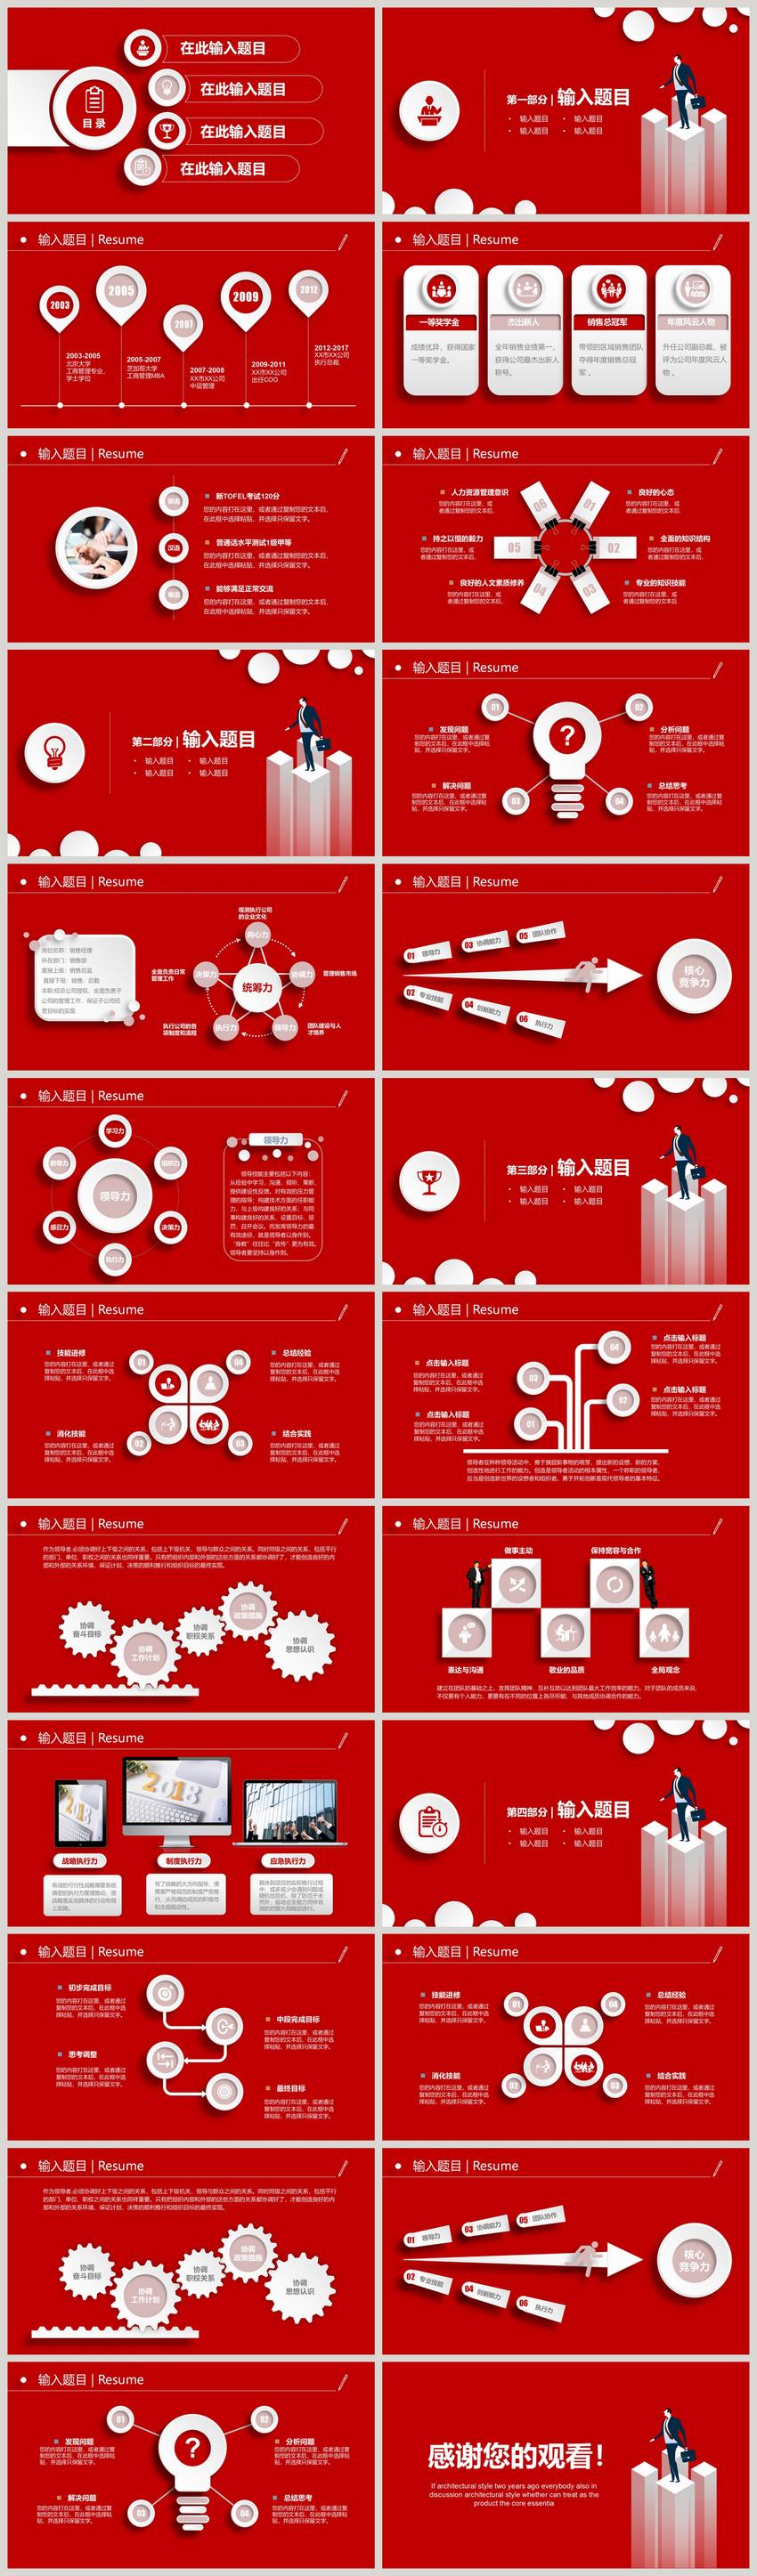 红色微立体企业招聘PPT模板图片